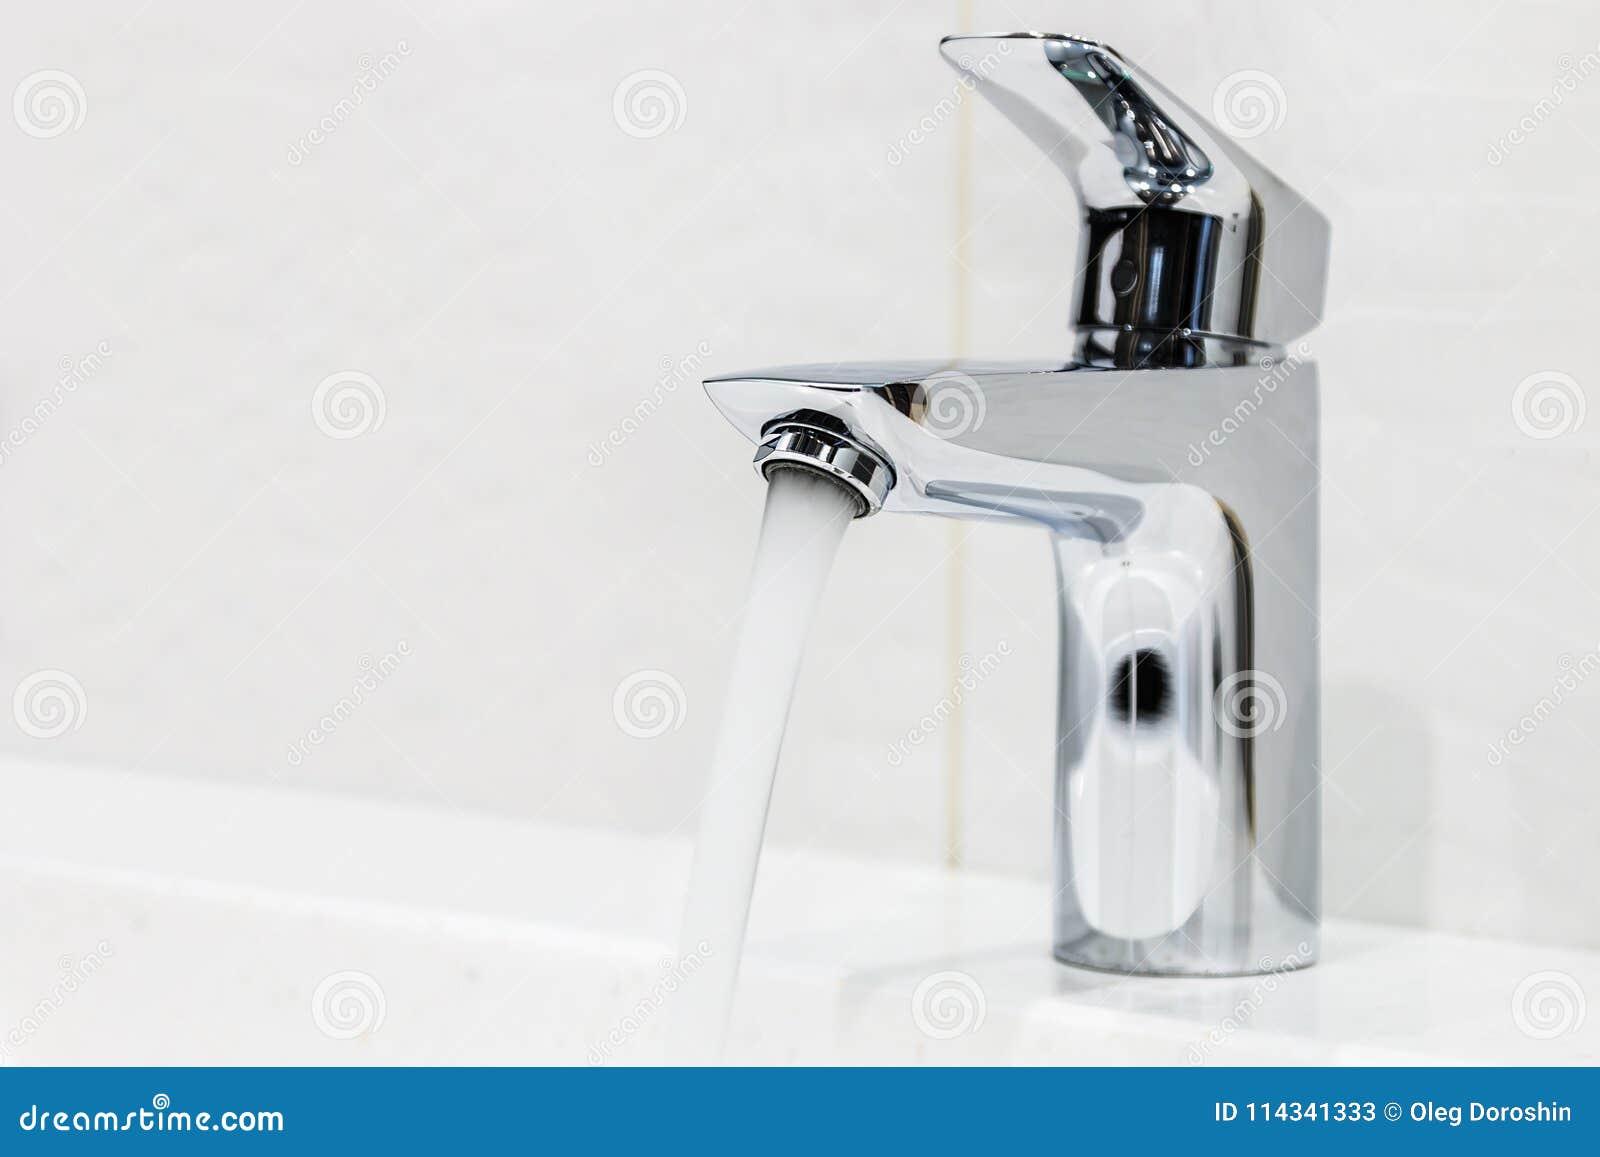 Wasserhahn Im Badezimmer Oder In Der Toilette Stockbild - Bild von ...